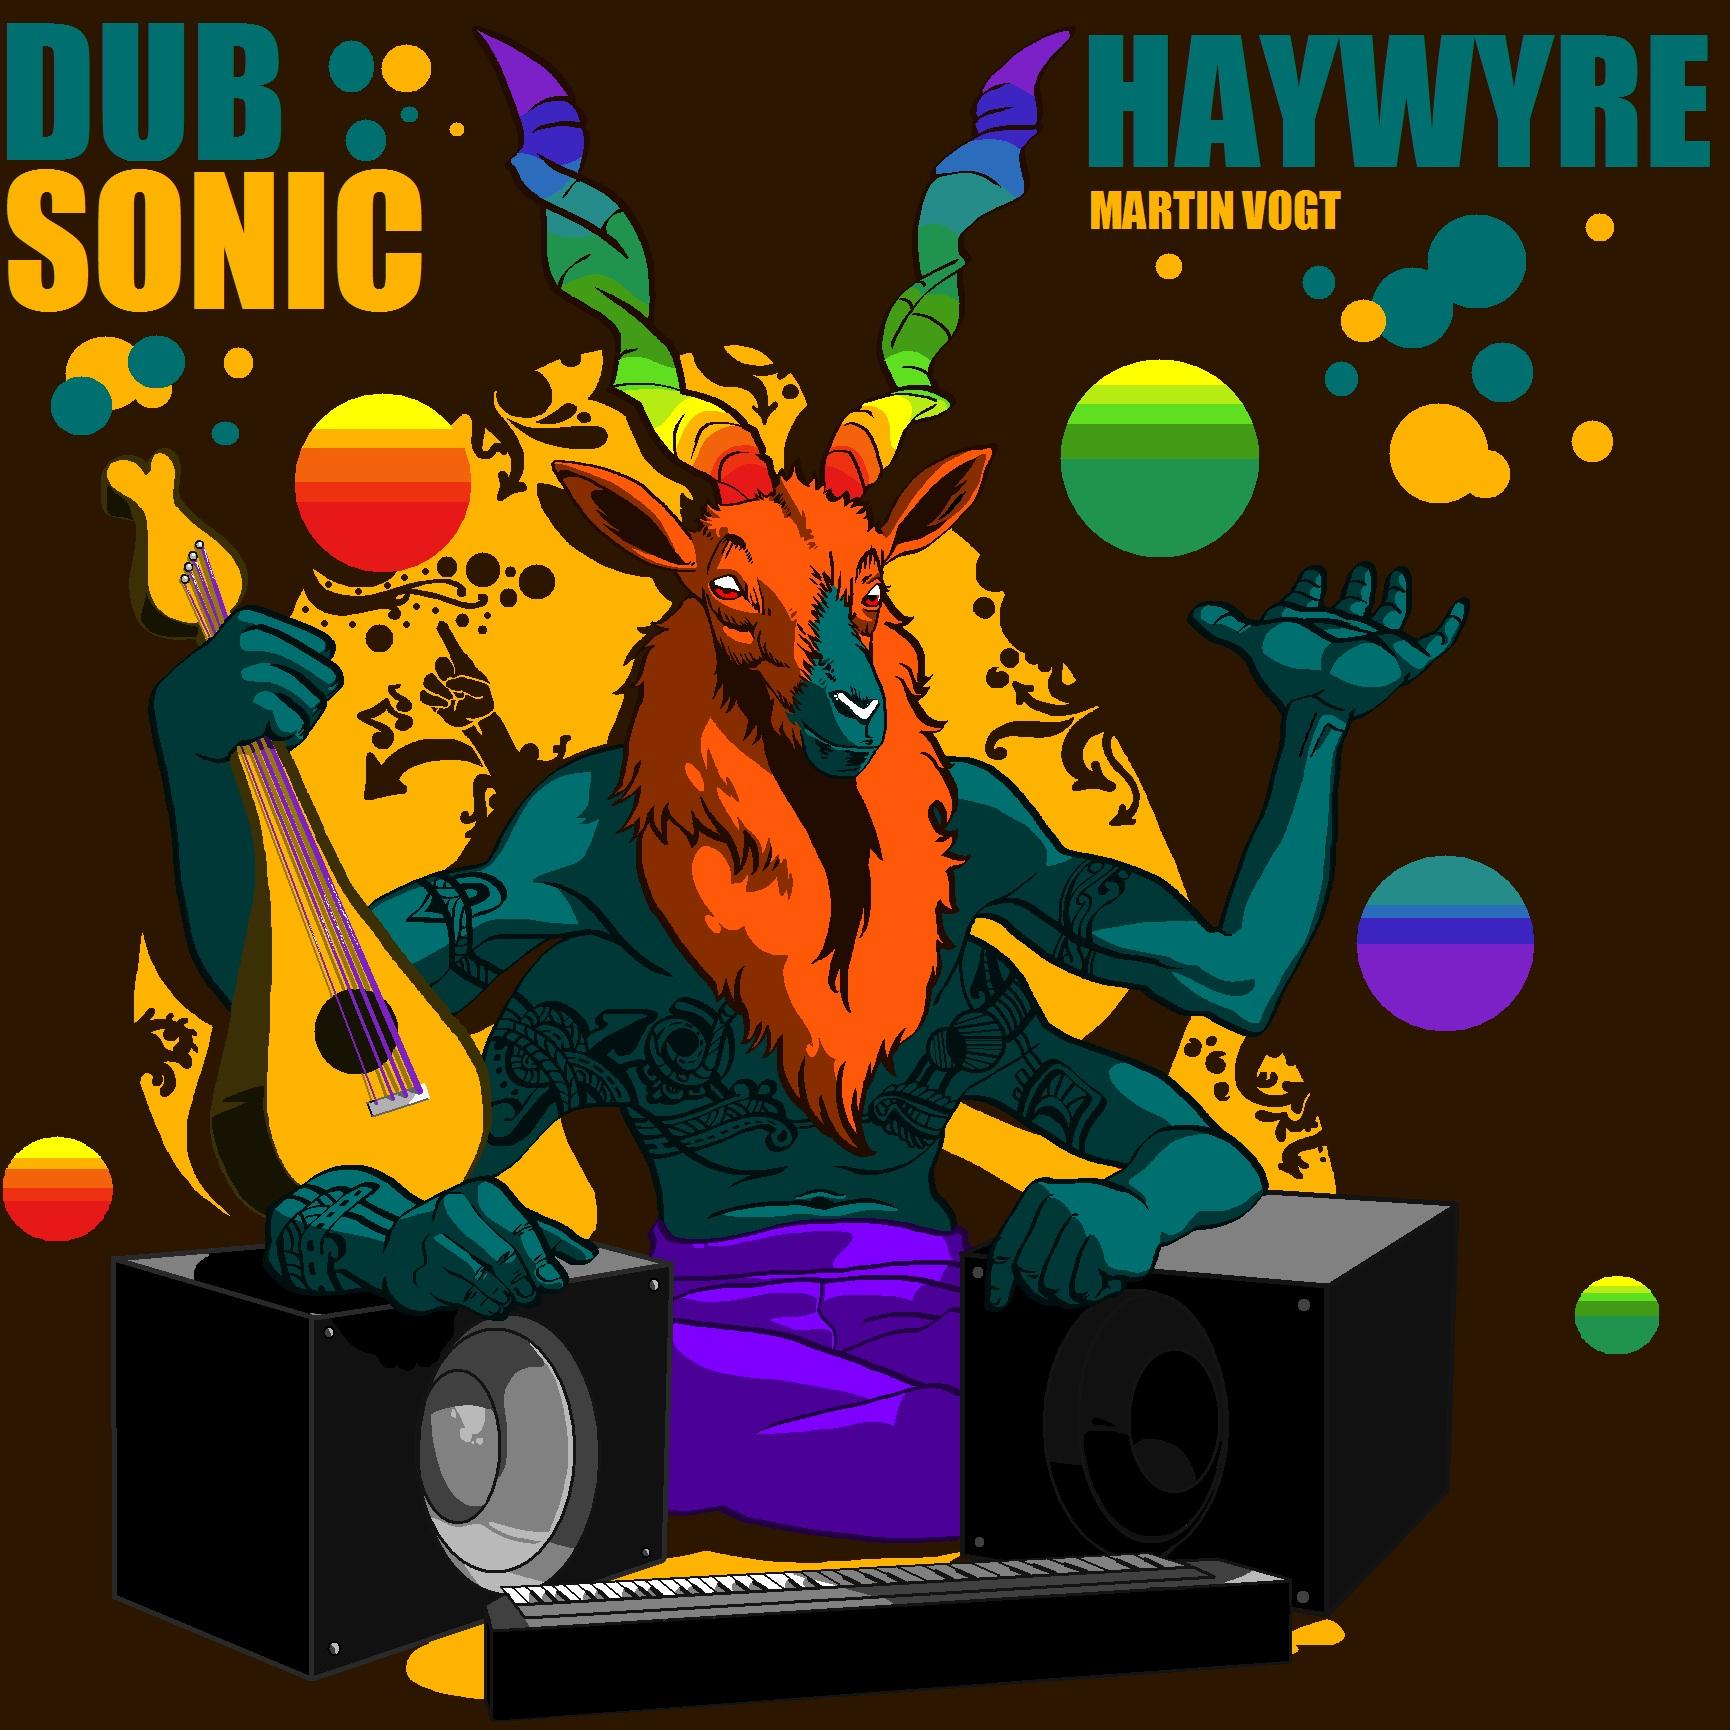 Haywyre-Dubsonic